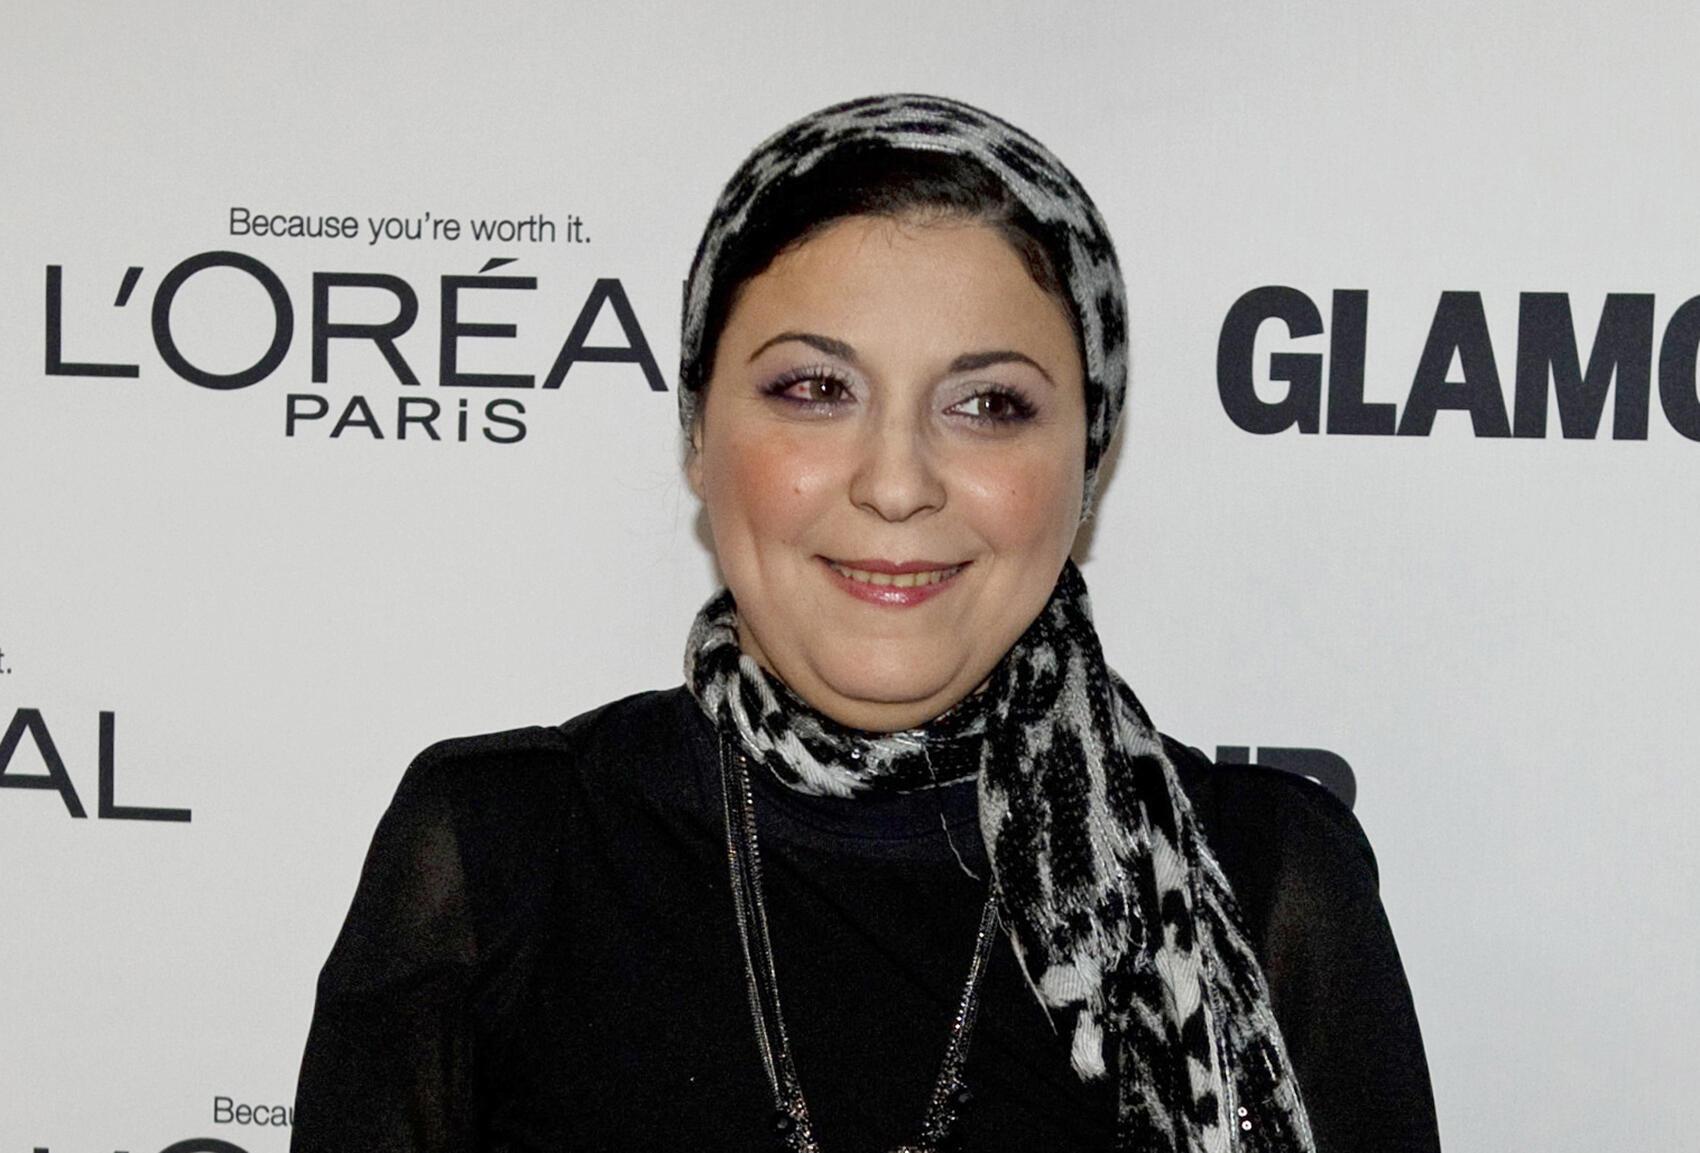 Egyptian activist and journalist Esraa Abdel-Fattah